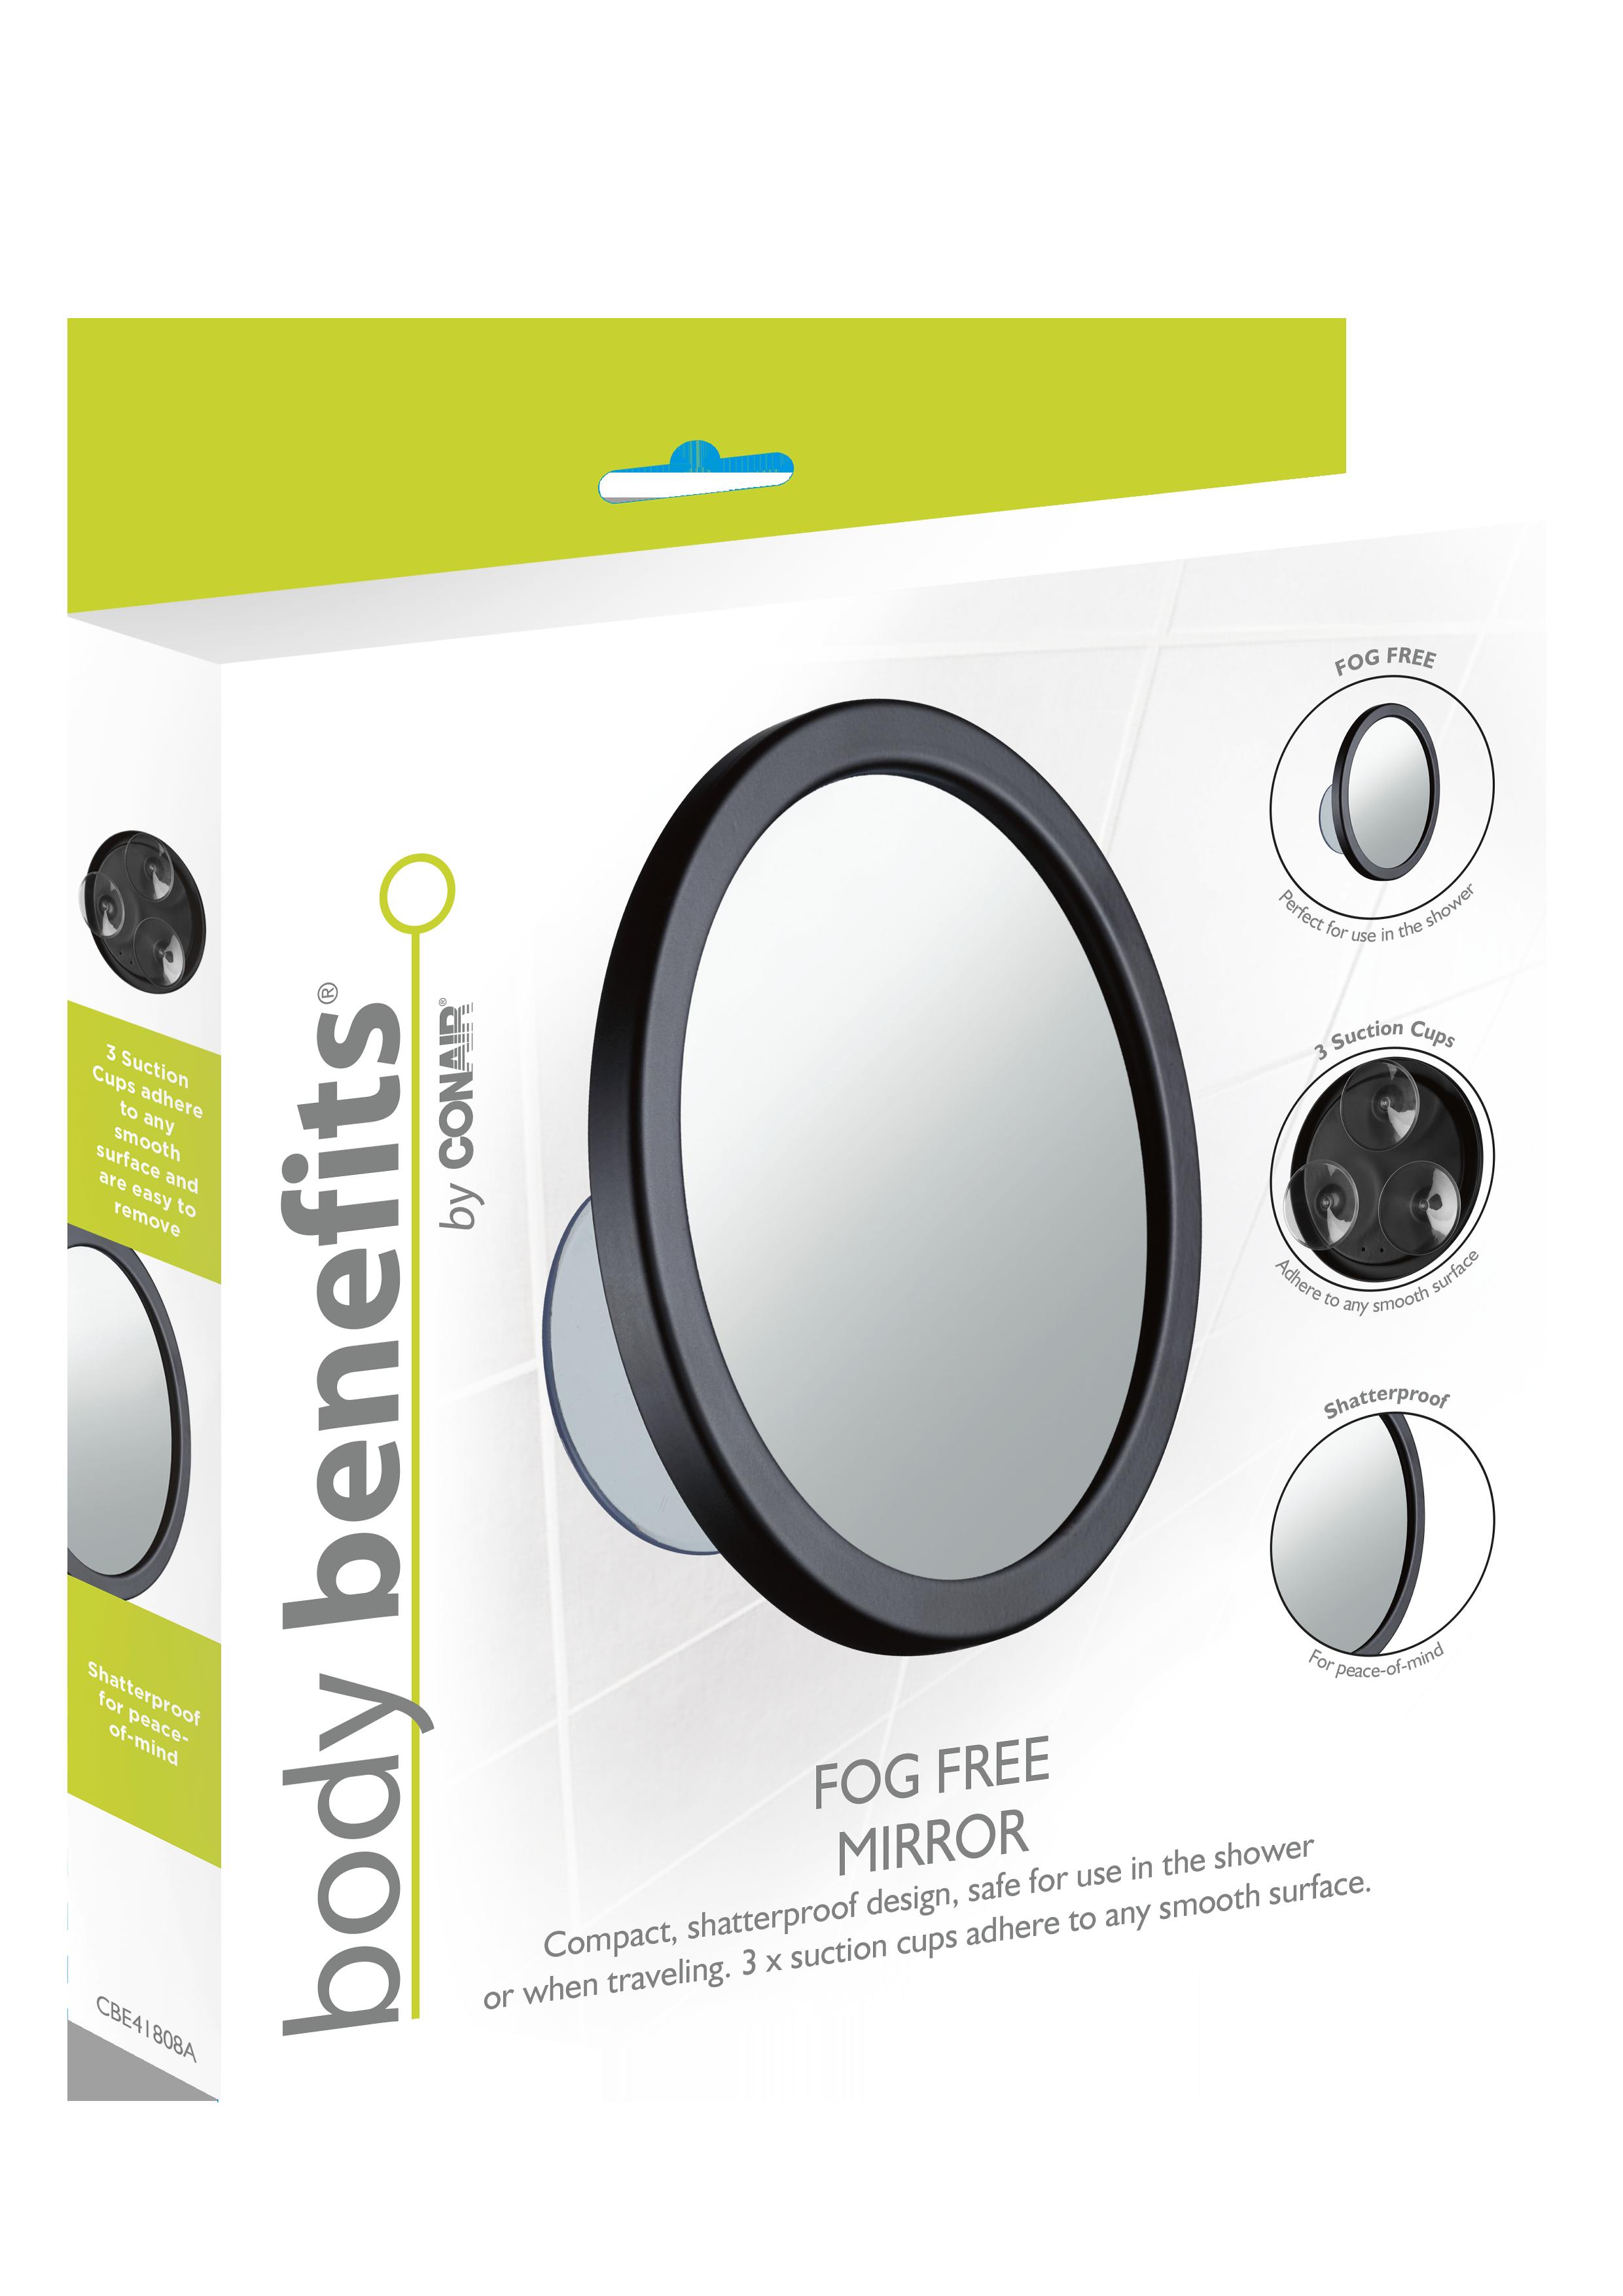 Fog Free Mirror